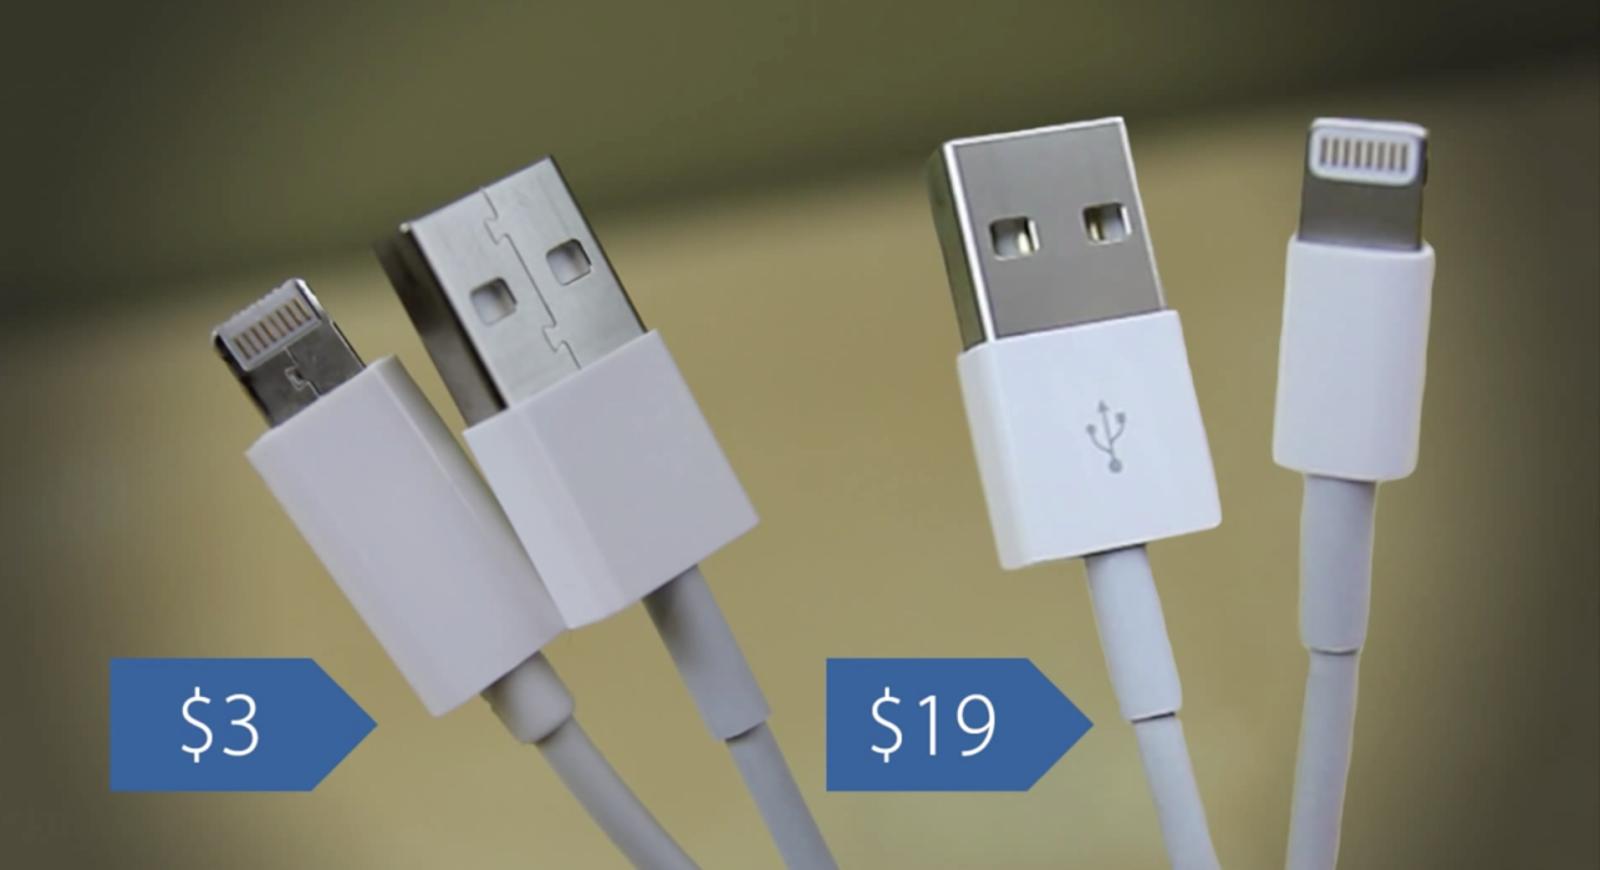 Ce se intampla cand utilizezi un incarcator sau cablu de date iPhone contrafacut?